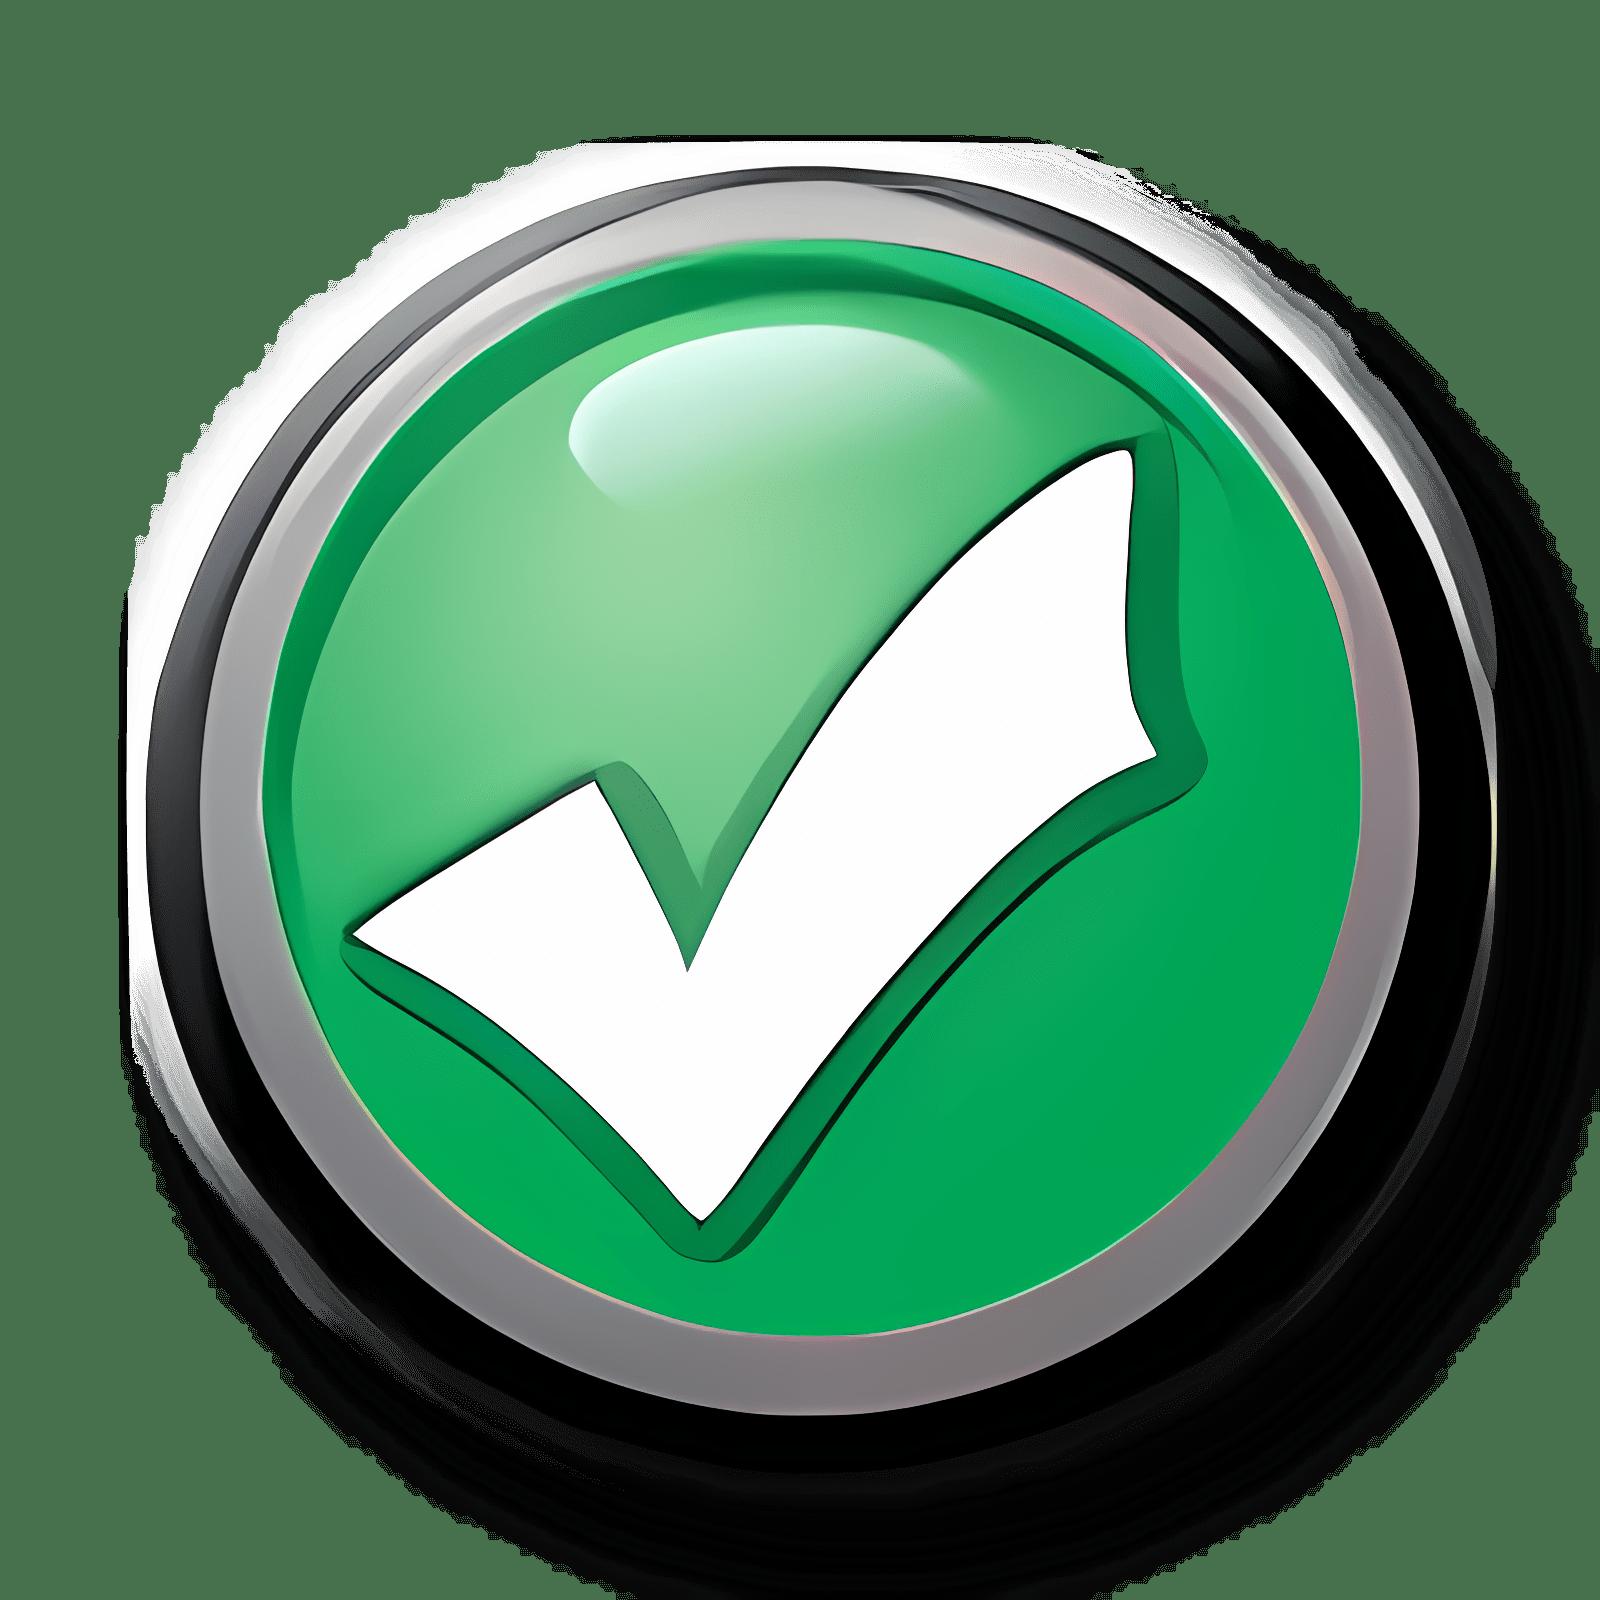 McAfee SiteAdvisor 3.2.0.152